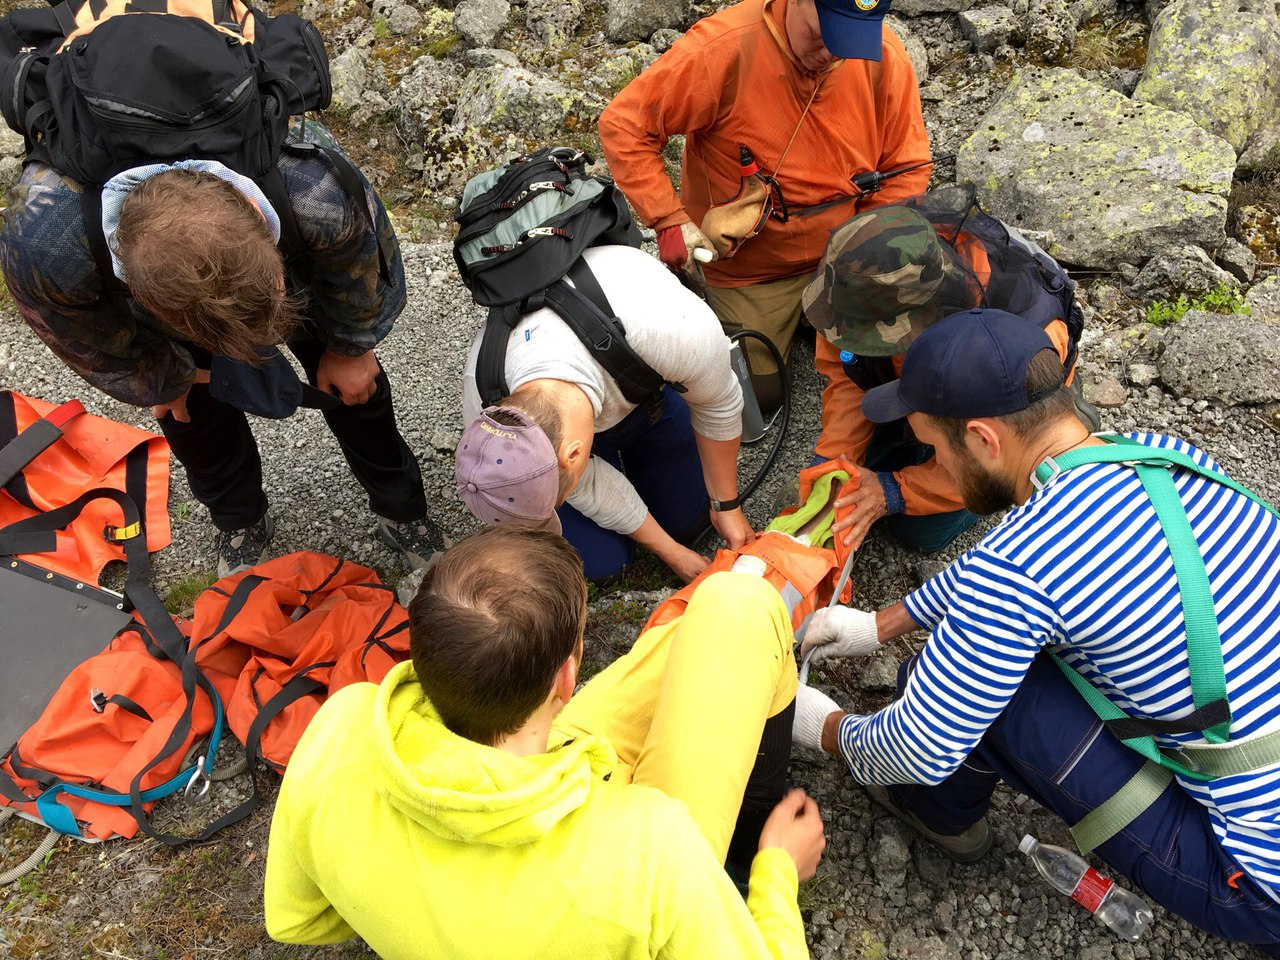 В Хибинах спасатели достали из ущелья альпиниста со сломанной ногой